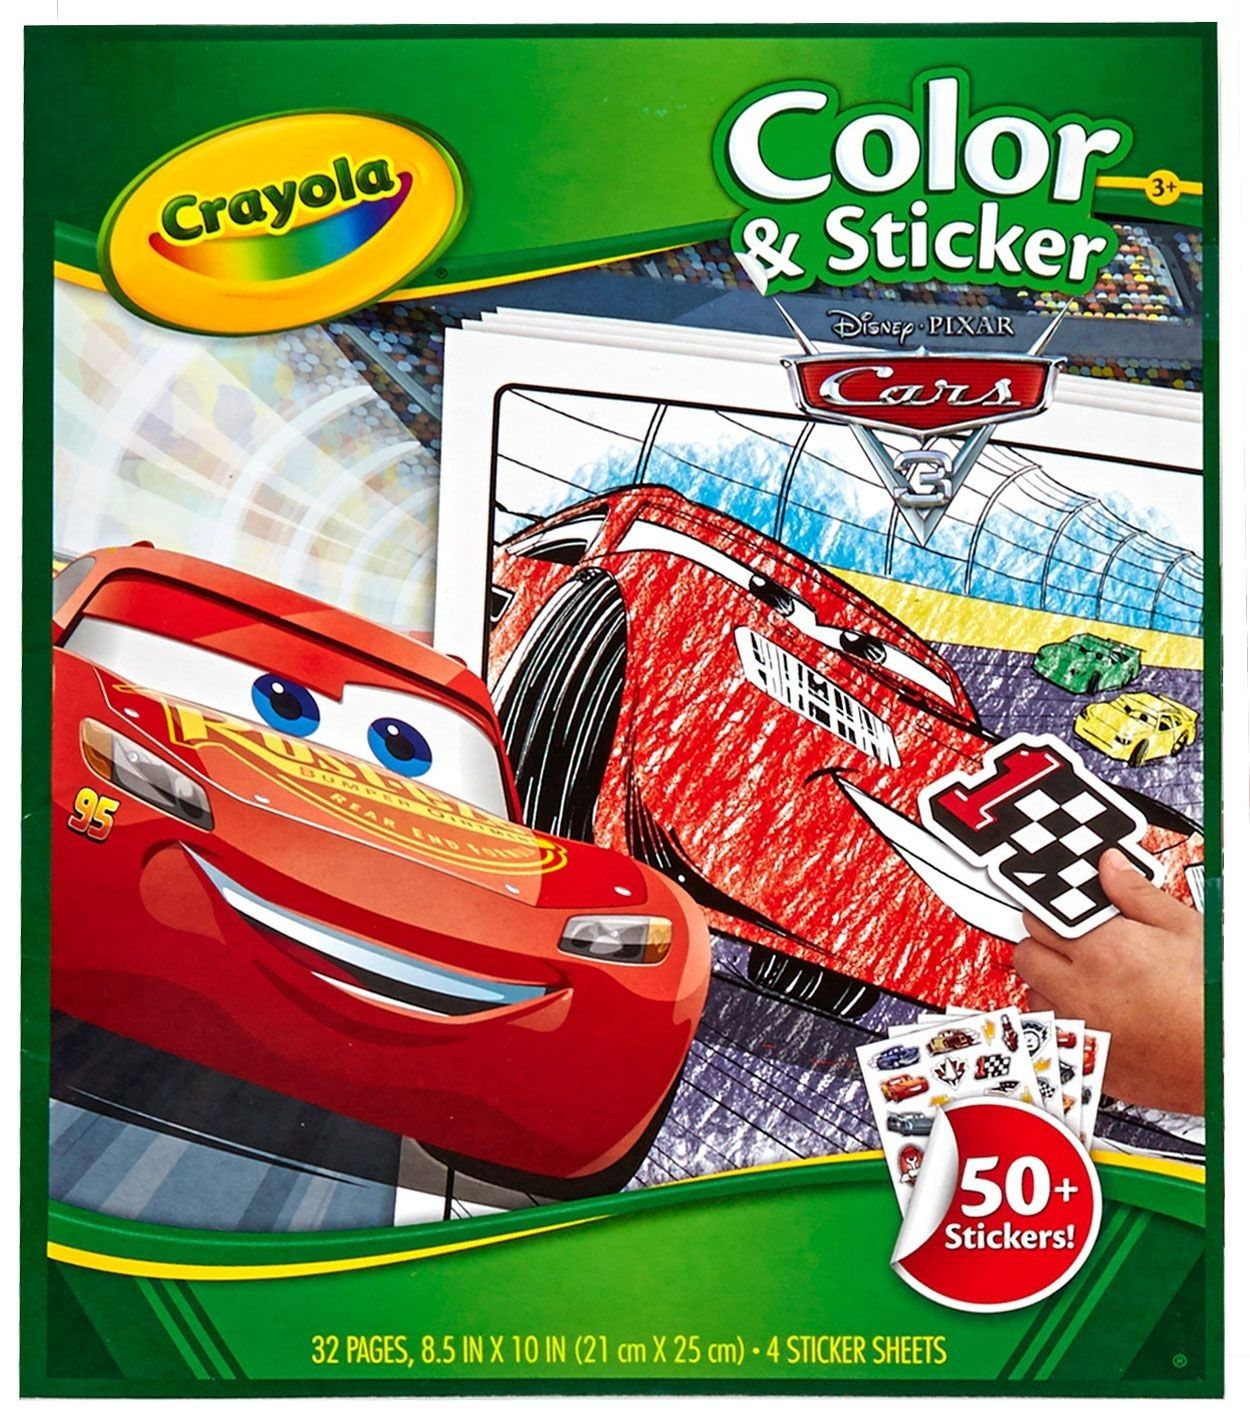 Beleef De Filmavonturen Van Bliksem Mcqueen Nogmaals Met Dit Mooie Kleur En Stickerboek Van Disney Cars 3 Zie Bliksem Mcqueen Disney Cars Stickers Kleurboek